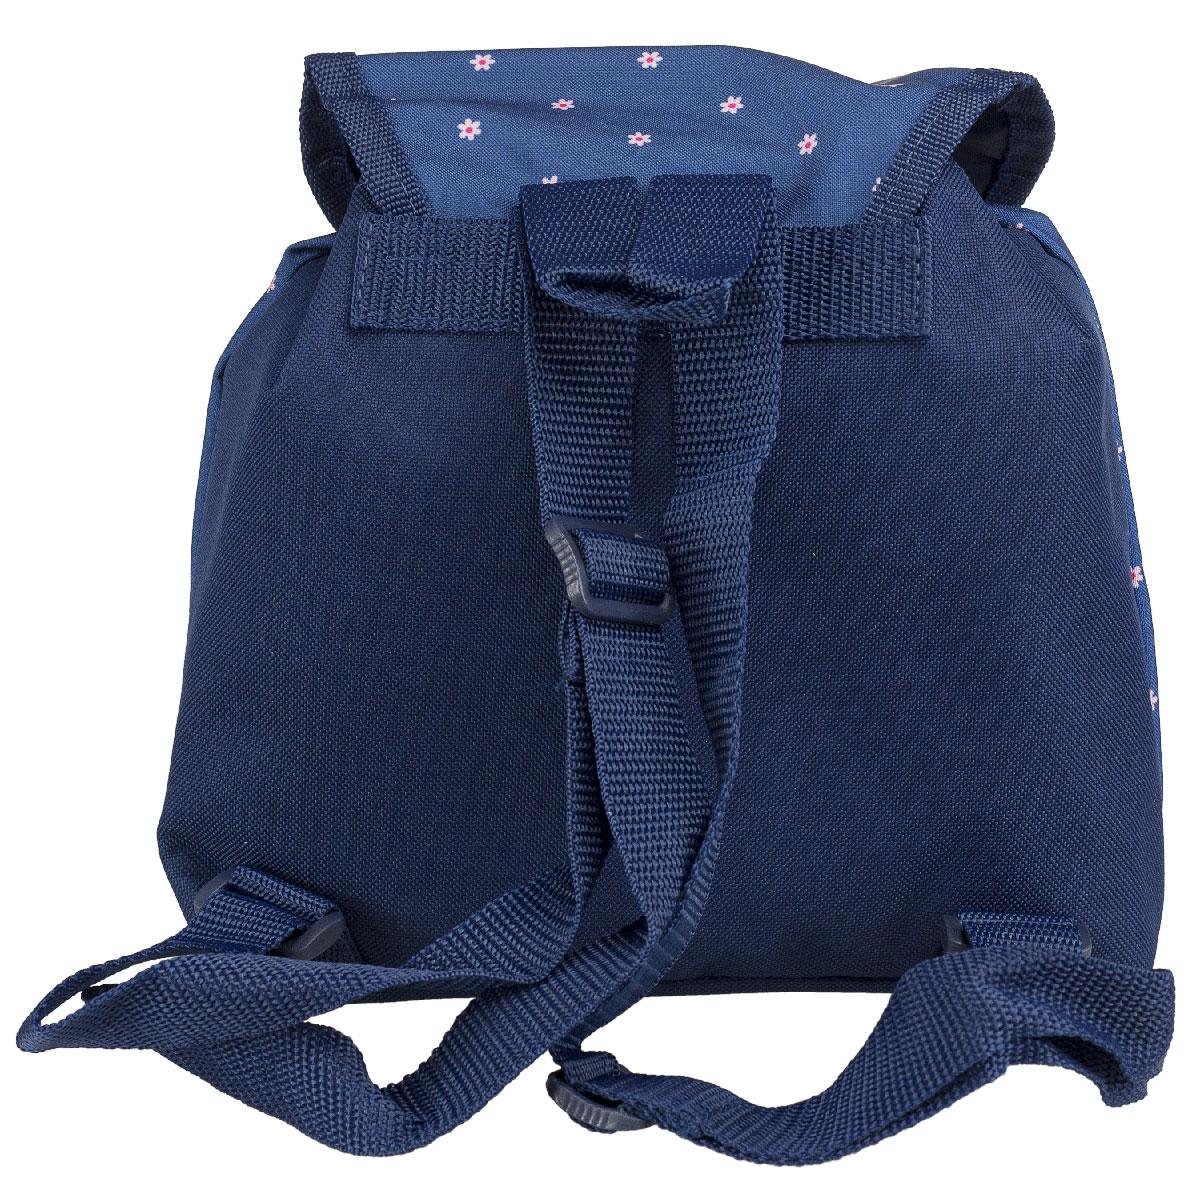 С модным рюкзаком Marie Cat ваша малышка будет звездой. Стильный и продуманный до мелочей рюкзак выполнен из износоустойчивой ткани, что позволяет ему верно служить долгое время. Оформлен рюкзак изображением замечательной кошечки.Содержит одно отделение, затягивающееся с помощью текстильных шнурков с пластиковым фиксатором. Также дополнительно закрывается клапаном на кнопке. Рюкзак оснащен регулируемыми по длине лямками и дополнен текстильной ручкой для переноски в руке. Такой рюкзак порадует глаз и подарит отличное настроение вашему ребенку, который будет с удовольствием носить в нем свои вещи или любимые игрушки.Рекомендуемый возраст: от 7 лет.